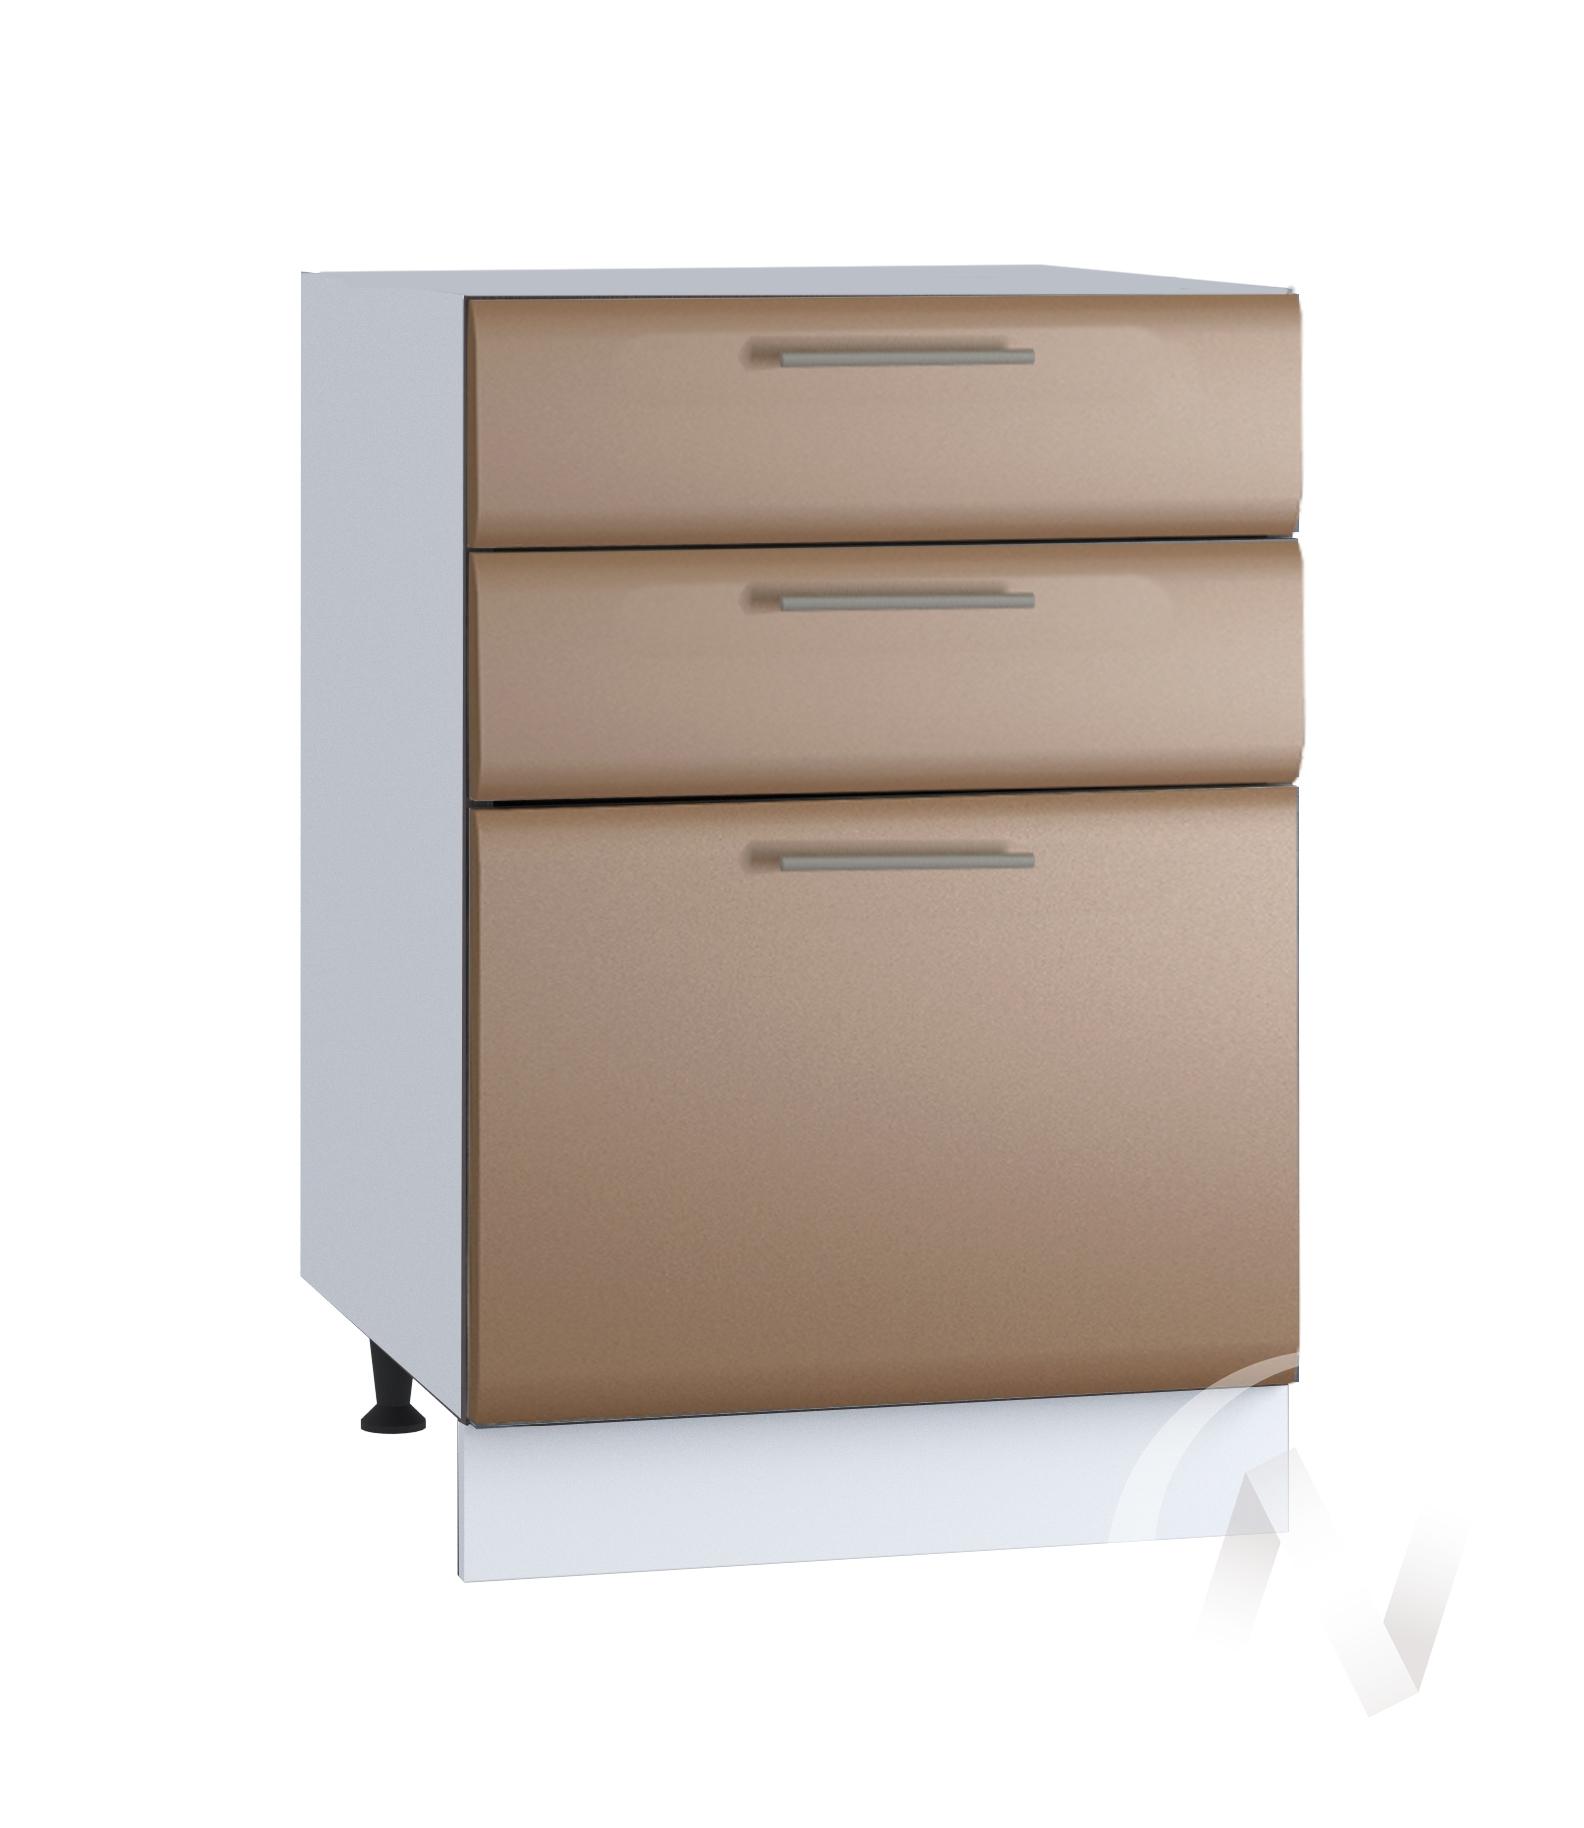 """Кухня """"Люкс"""": Шкаф нижний с 3-мя ящиками 500, ШН3Я 500 (Шоколад матовый/корпус белый)"""